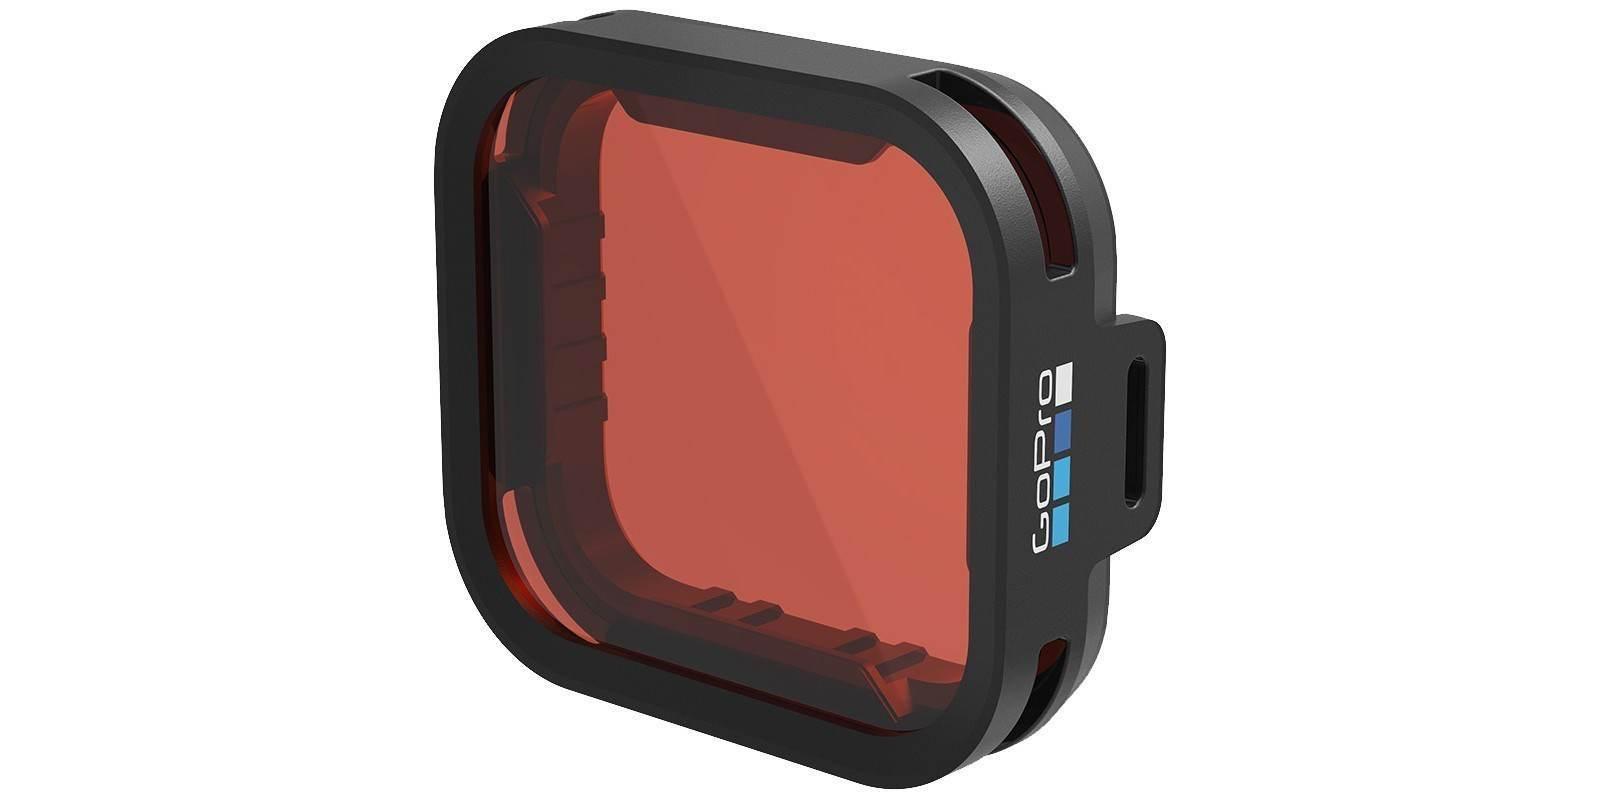 Фильтр для подводной съемки c эффектом голубой воды GoPro Shallow Tropical/Blue Water Filter (для HERO5 Black)